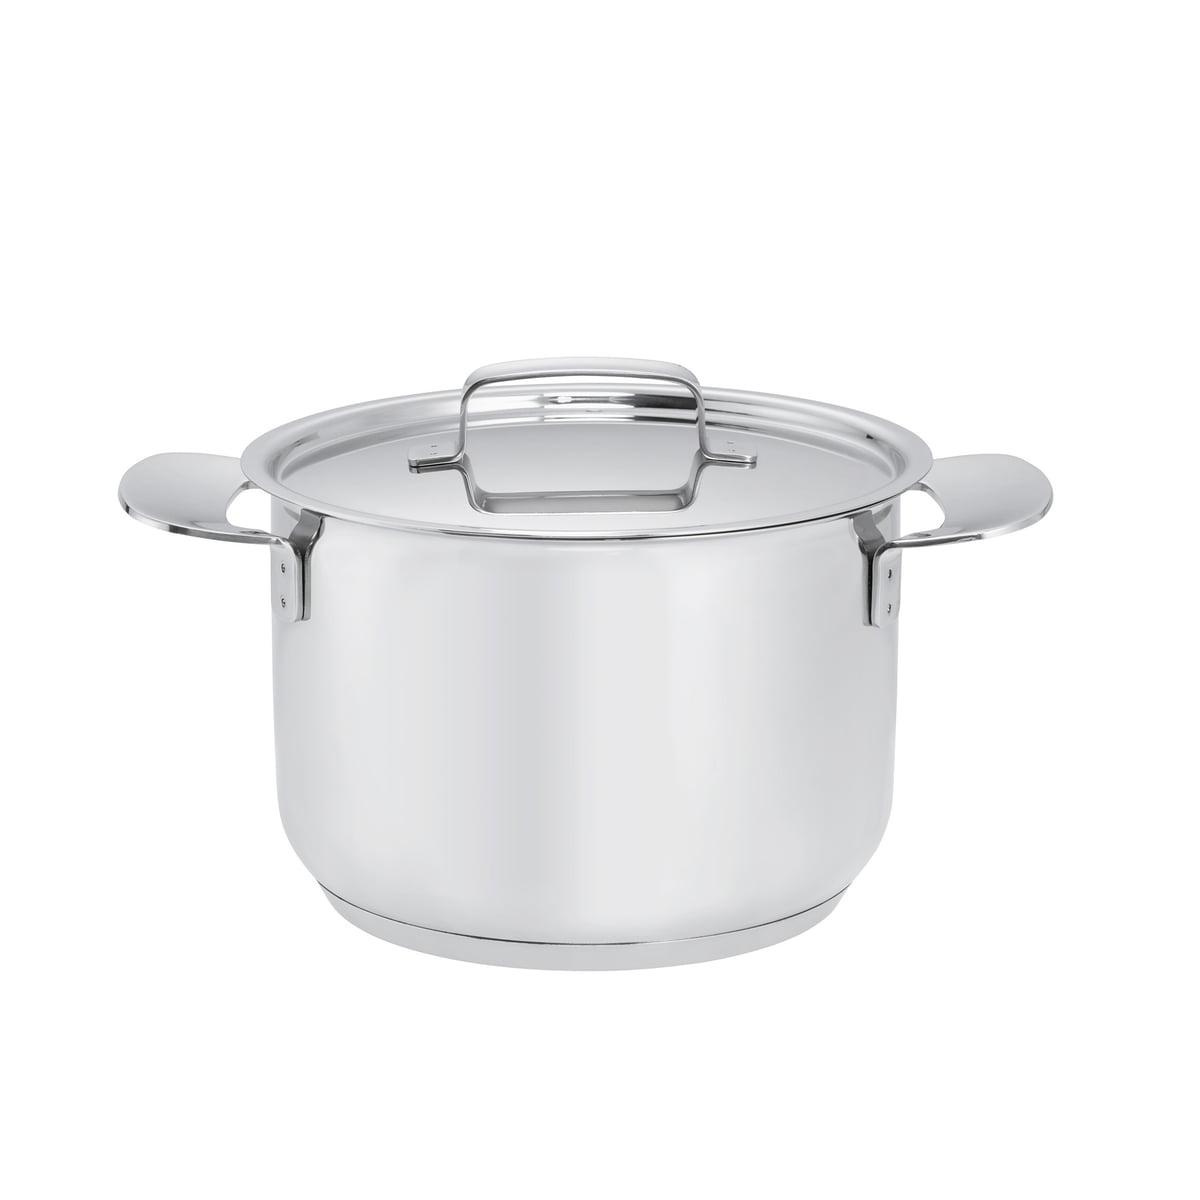 Fiskars - All Steel Kasserolle mit Deckel, 3 Liter | Küche und Esszimmer > Kochen und Backen | Edelstahl poliert | Fiskars